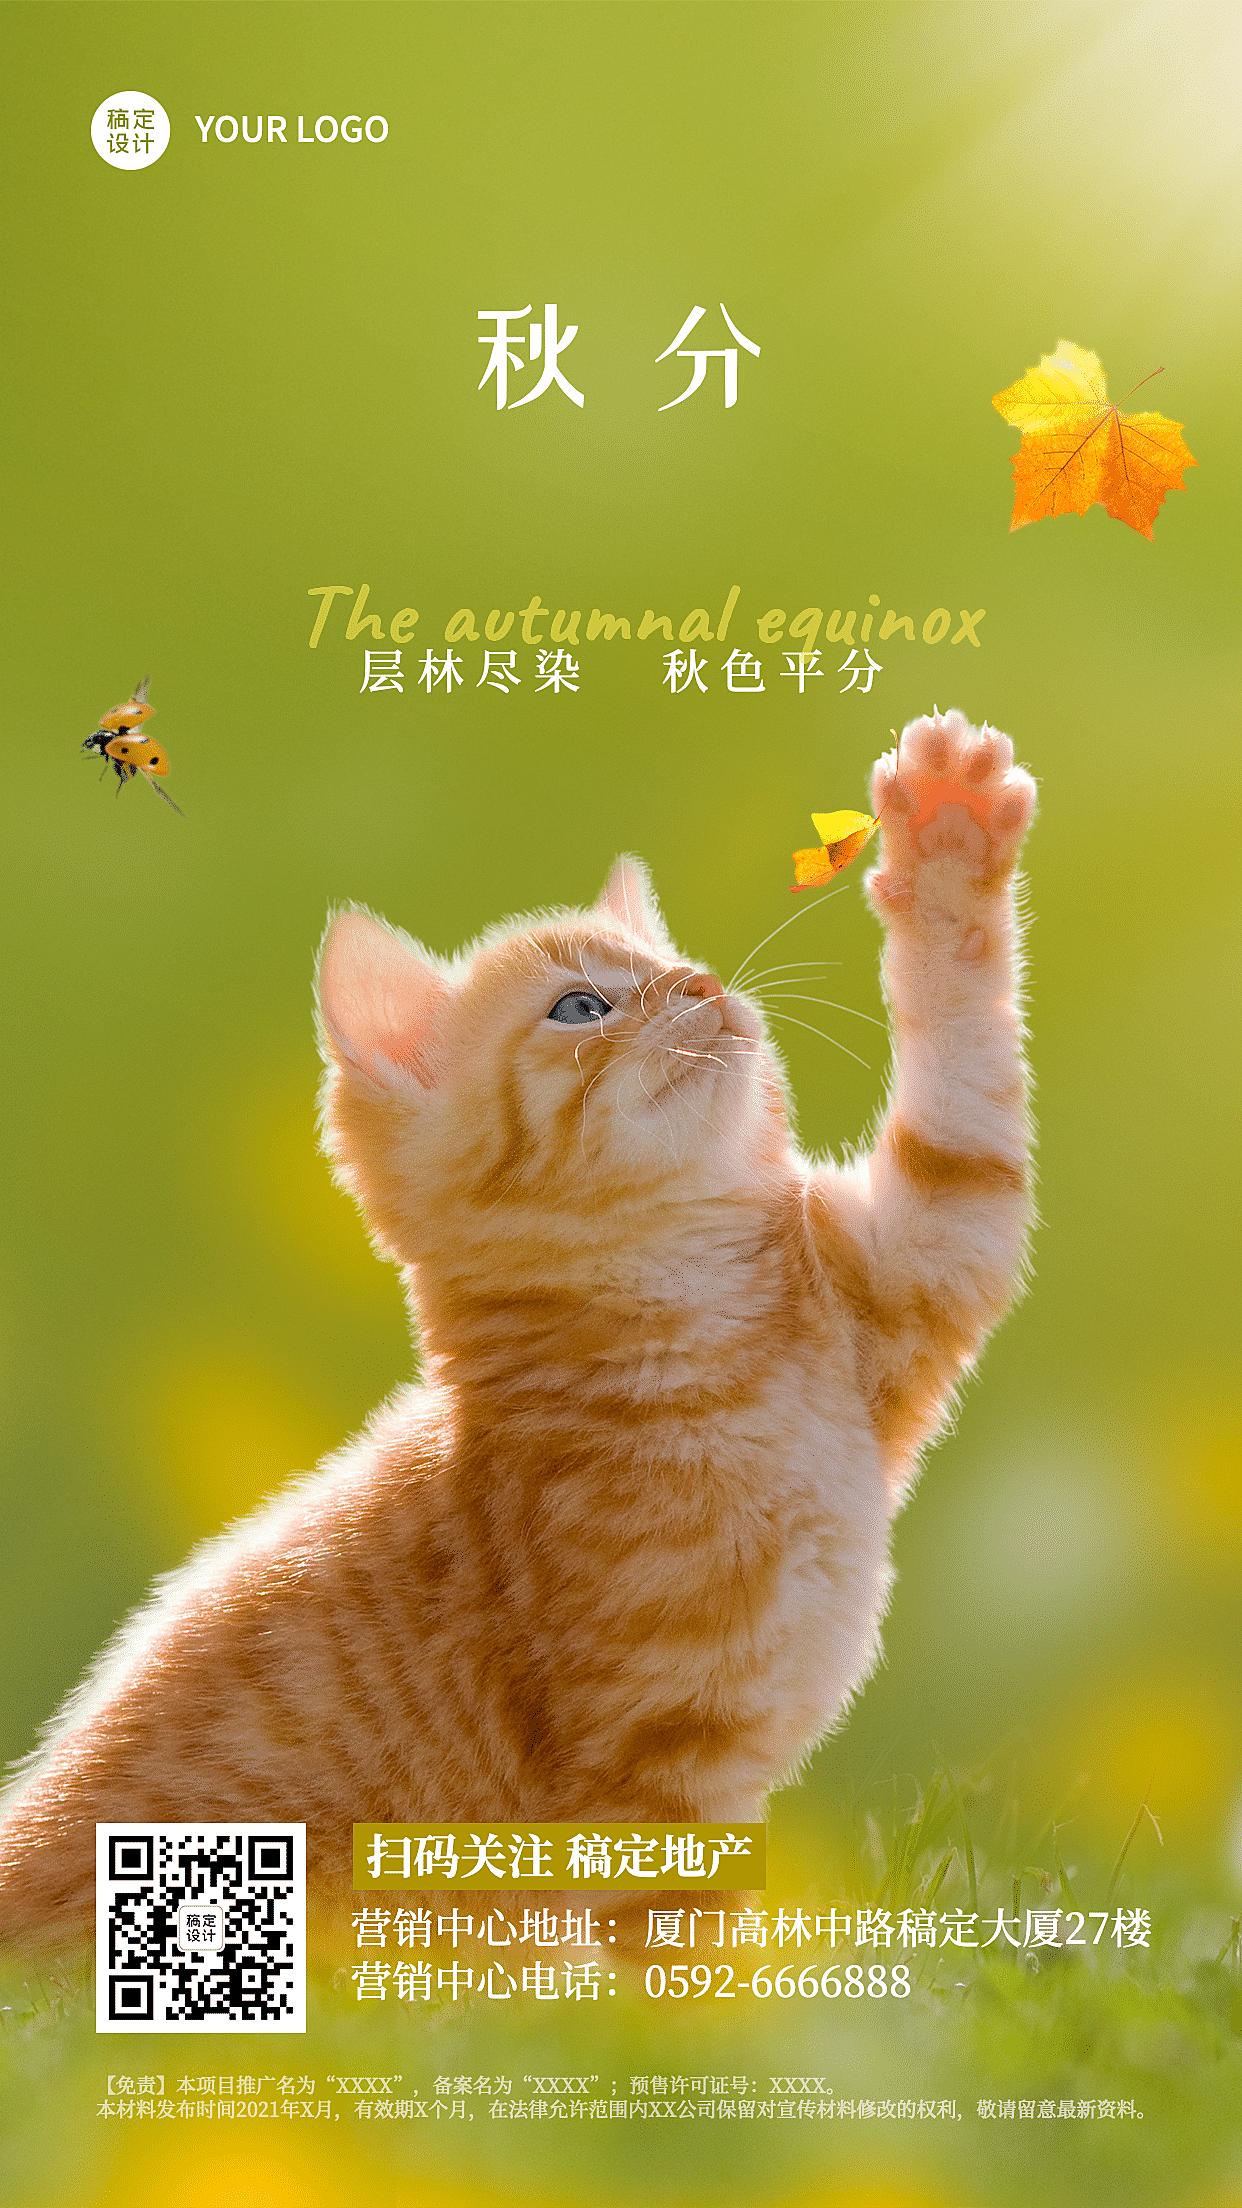 房地产秋分节气营销清新祝福海报